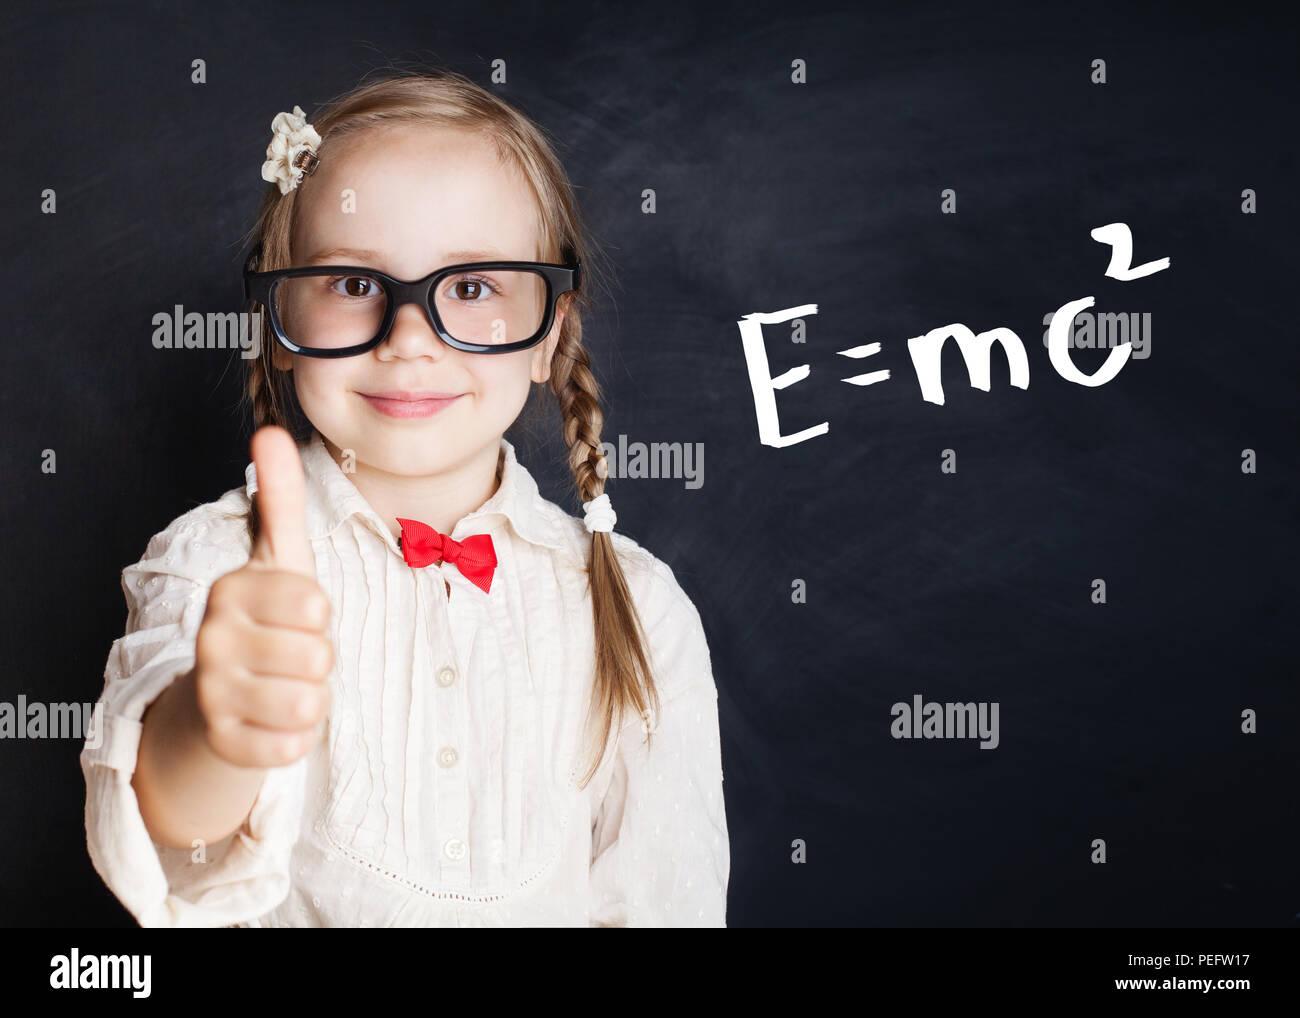 Pequeño genio de retrato. Concepto de educación matemática para niños. Niña con pulgar arriba a mano dibujos ciencia matemática fórmula patrón Imagen De Stock